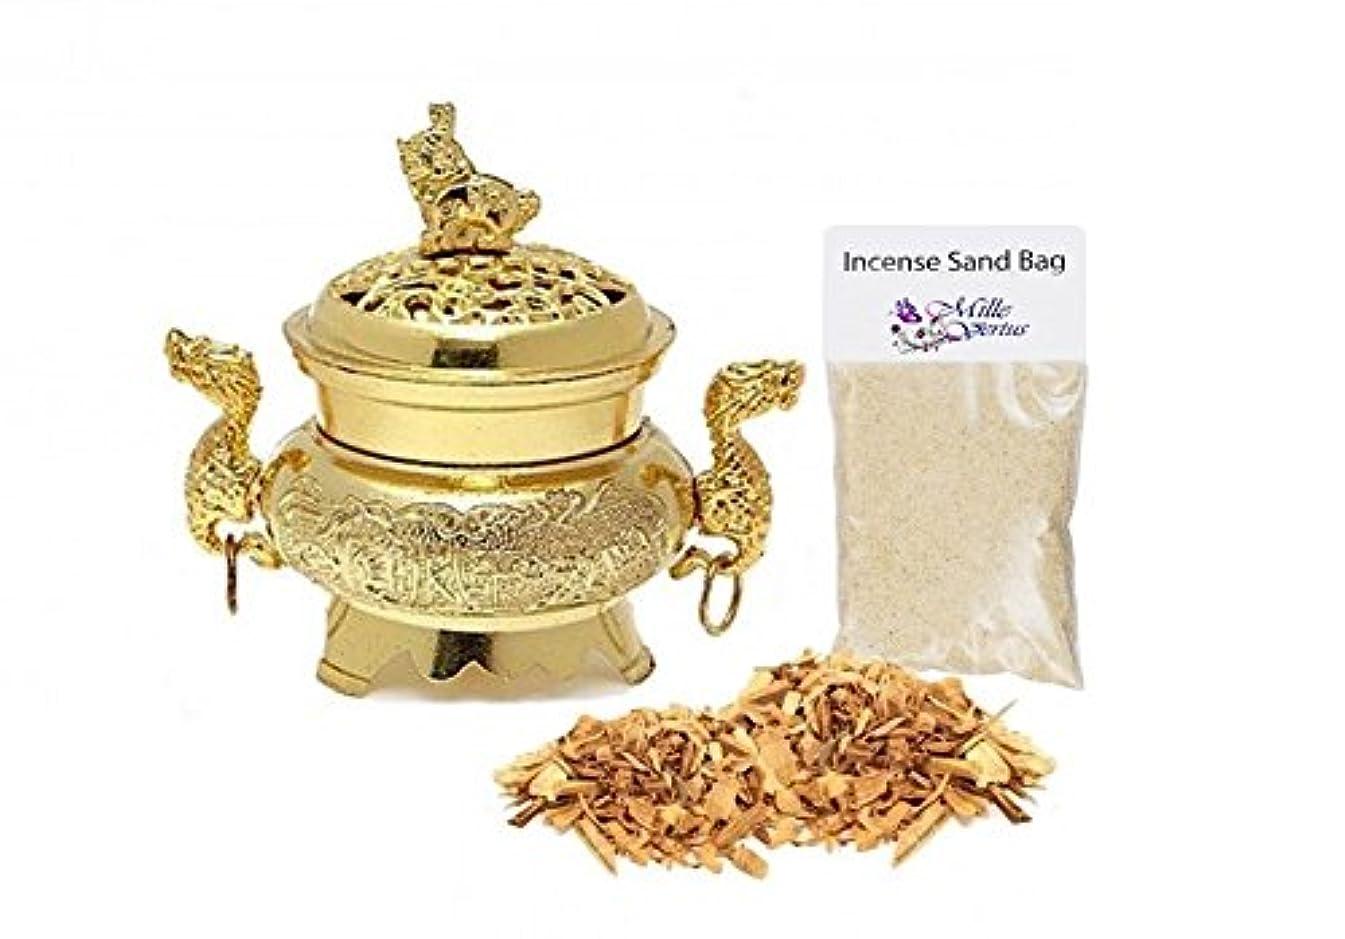 商人フェードアウトアドバンテージダブルドラゴン香炉ホルダーwith Palo SantoウッドIncense Burningキット(ゴールド)